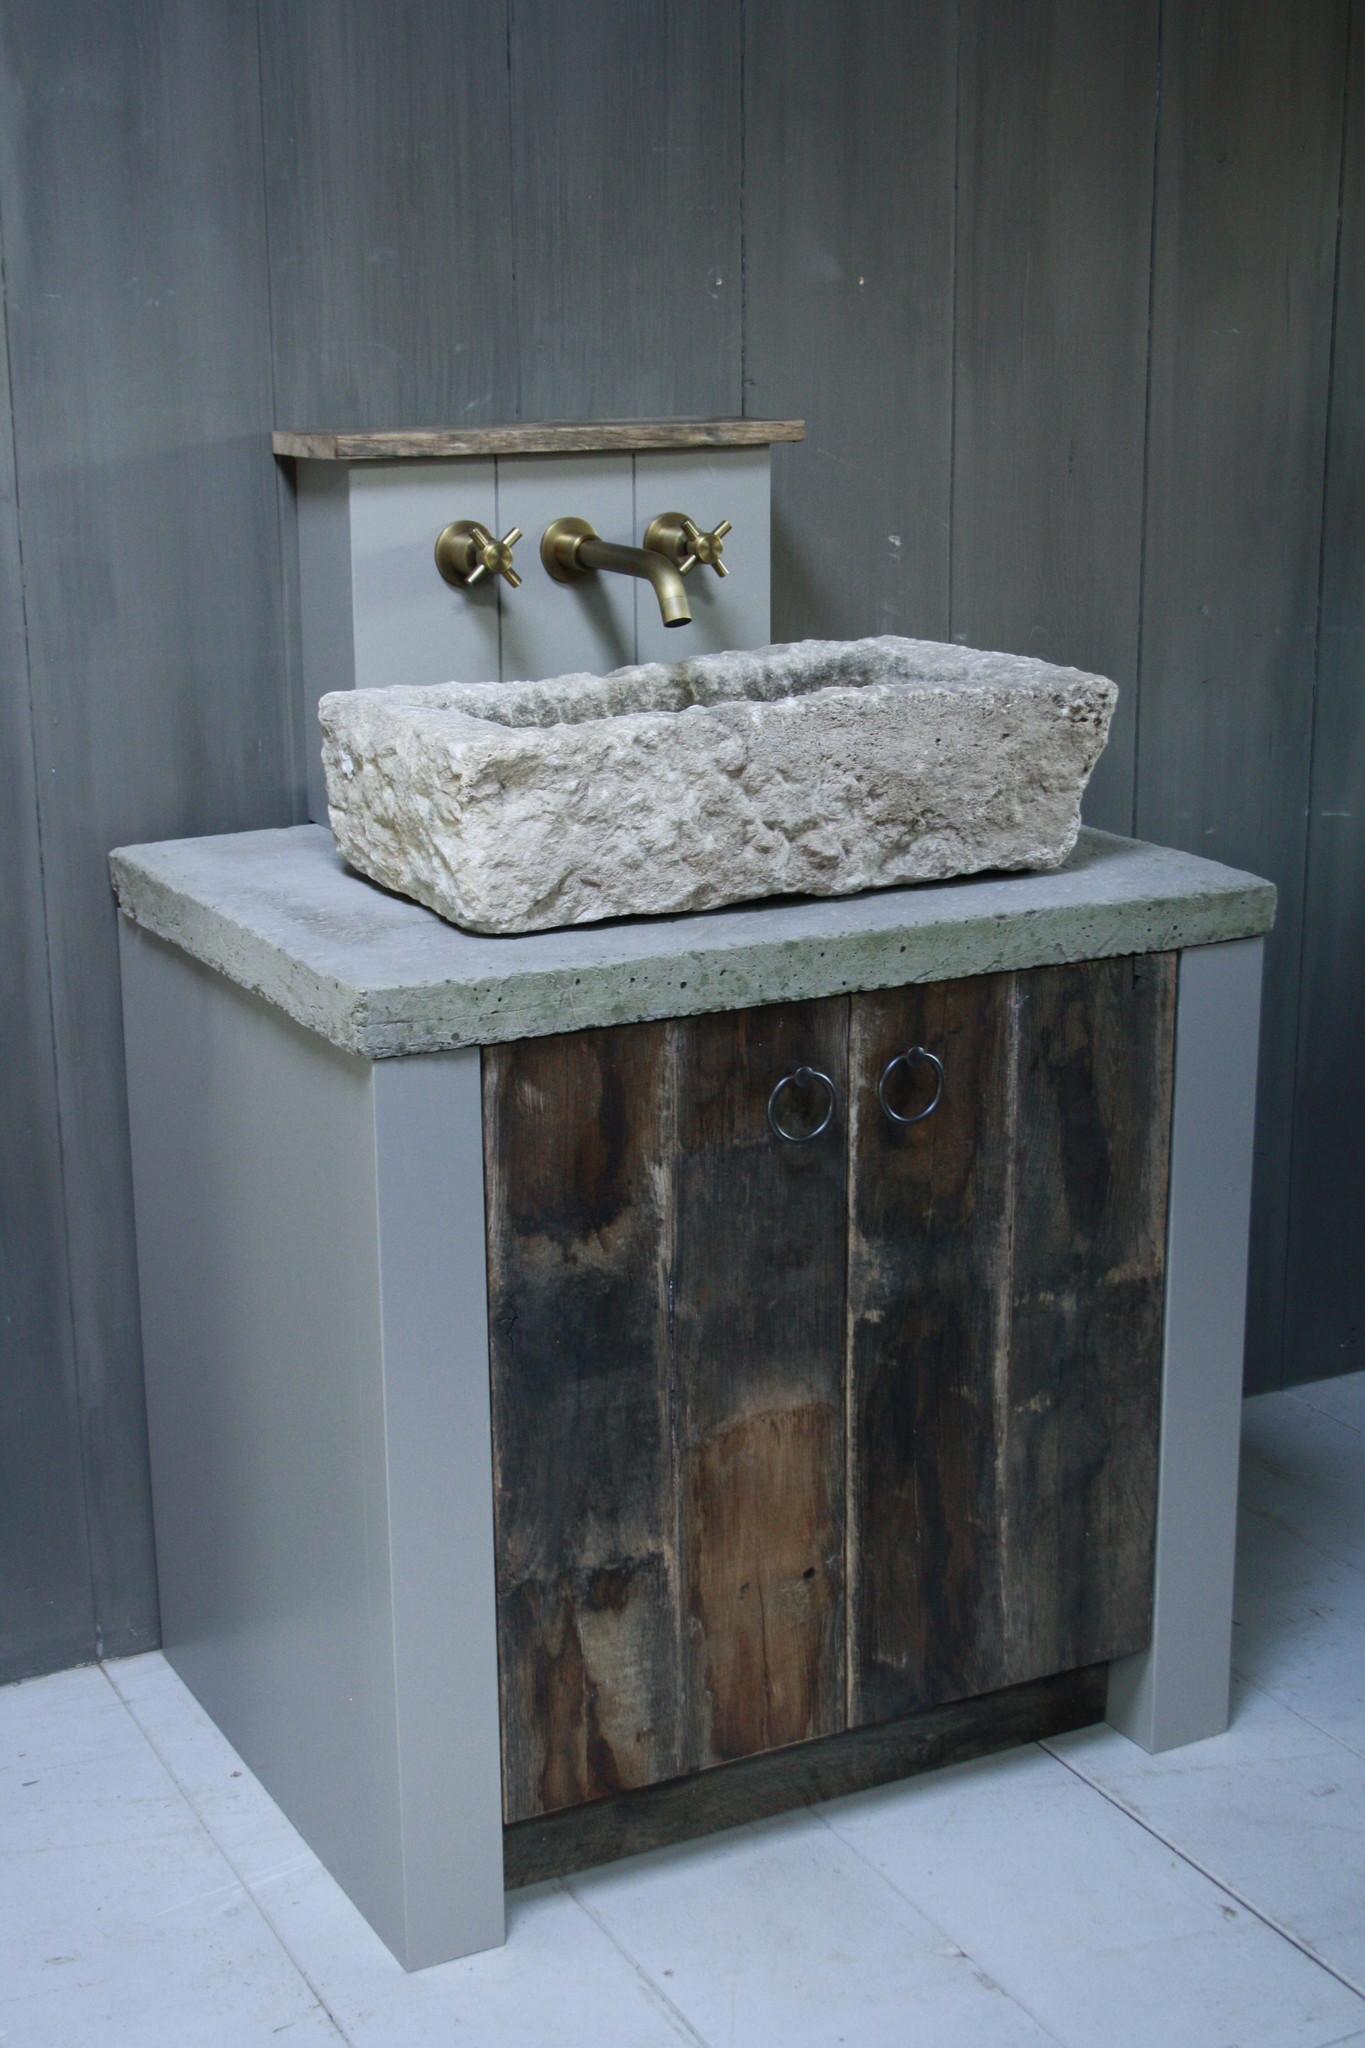 Badkamermeubelset oud eikenhout met stenen trog en complete pompstraat-1